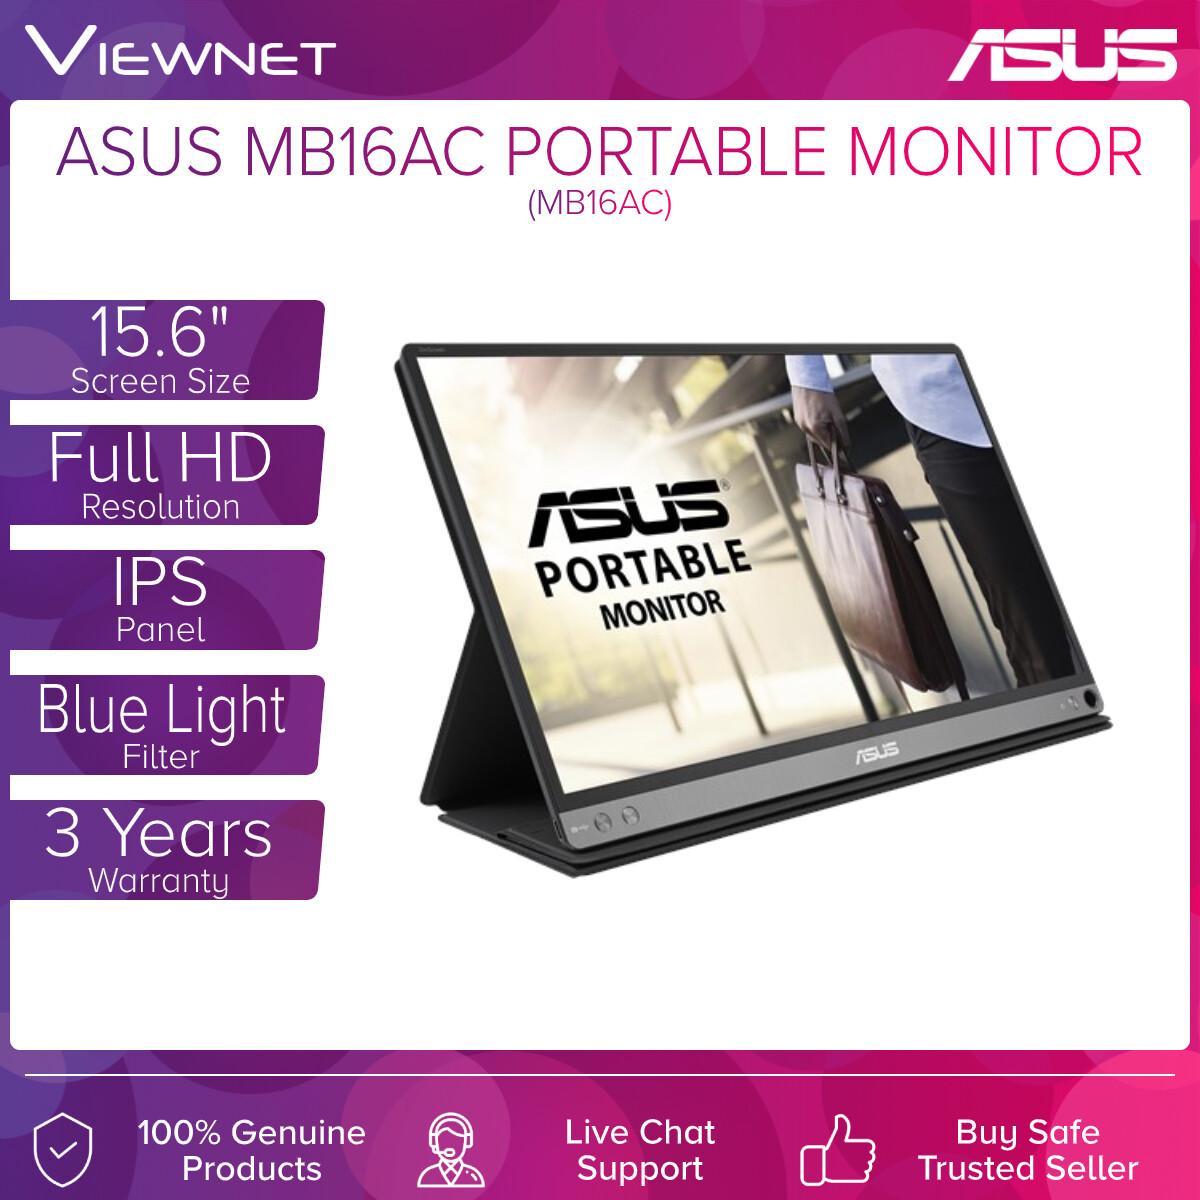 ASUS ZenScreen MB16AC 15.6'' Portable USB Monitor, ASUS ZenScreen MB16AC Portable USB Monitor, USB Type-C Port